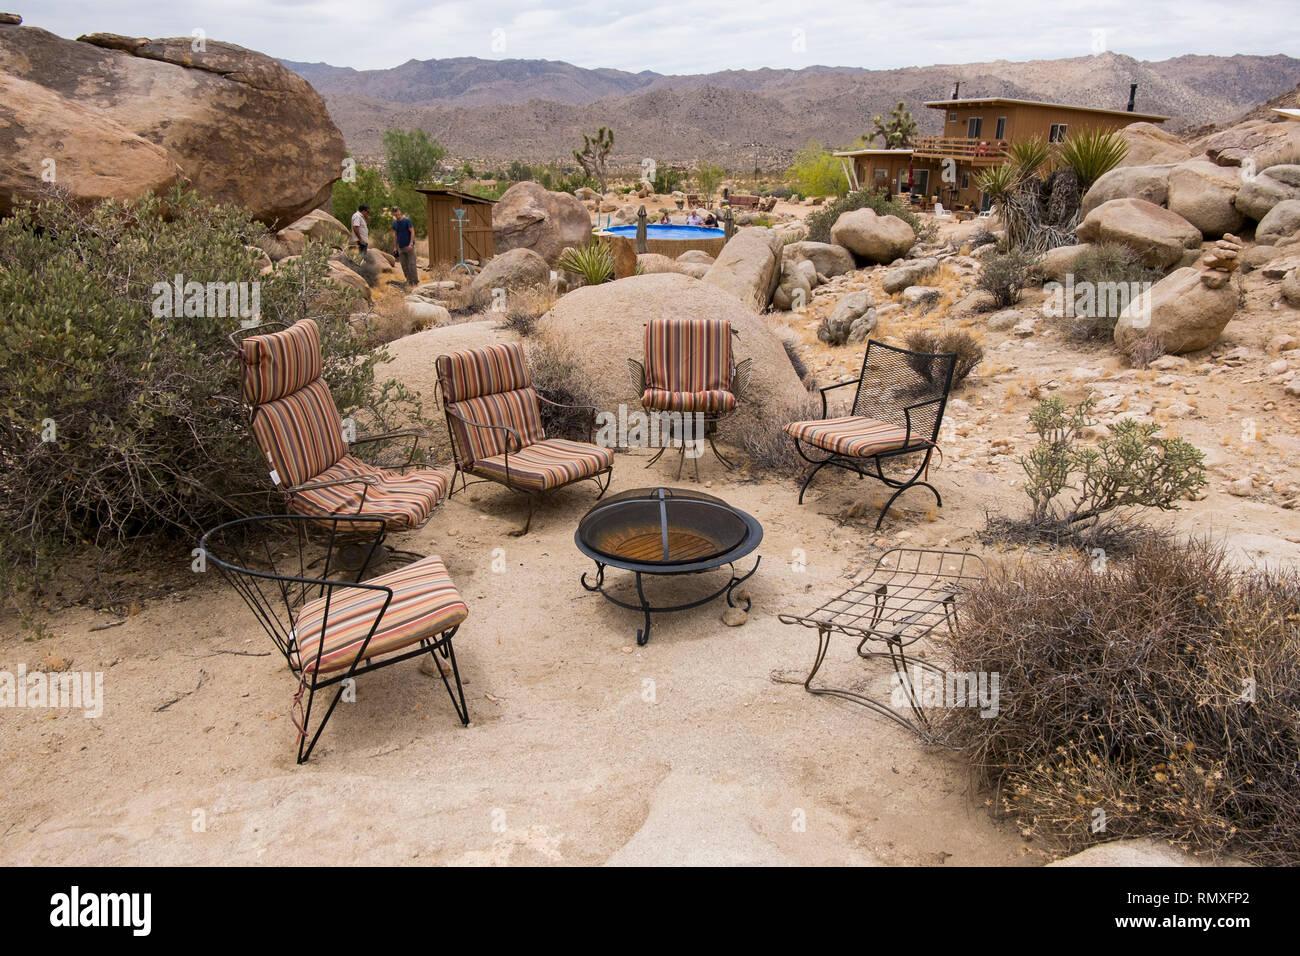 Outdoor Sitzecke Und Feuerstelle In Twentynine Palms Kalifornien Stockfotografie Alamy